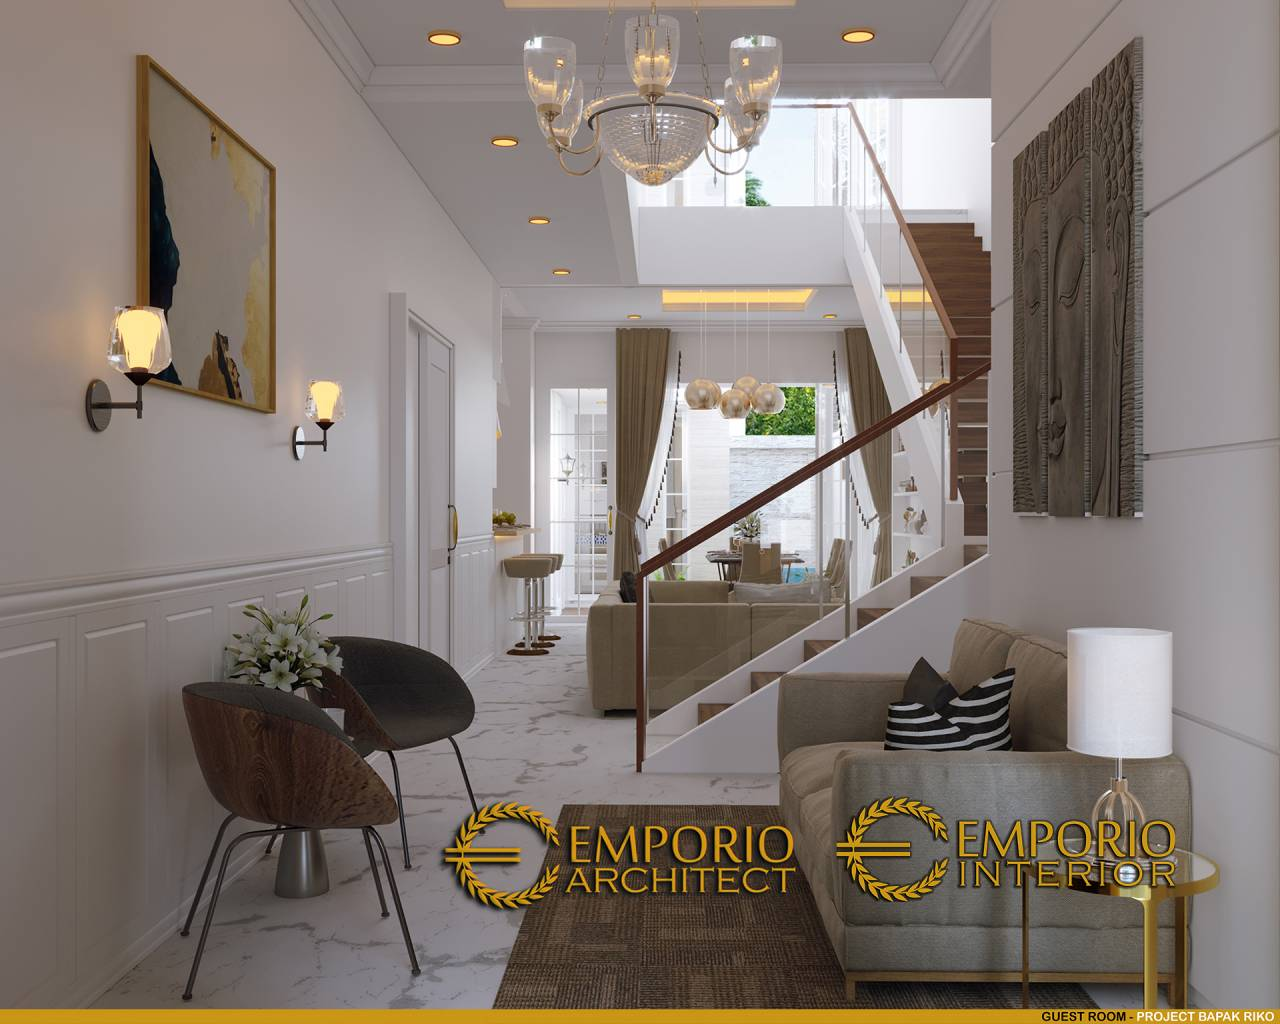 5 desain interior ruang tamu ini mampu membuat tamu terkesan. tertarik mencobanya 201120095221884421